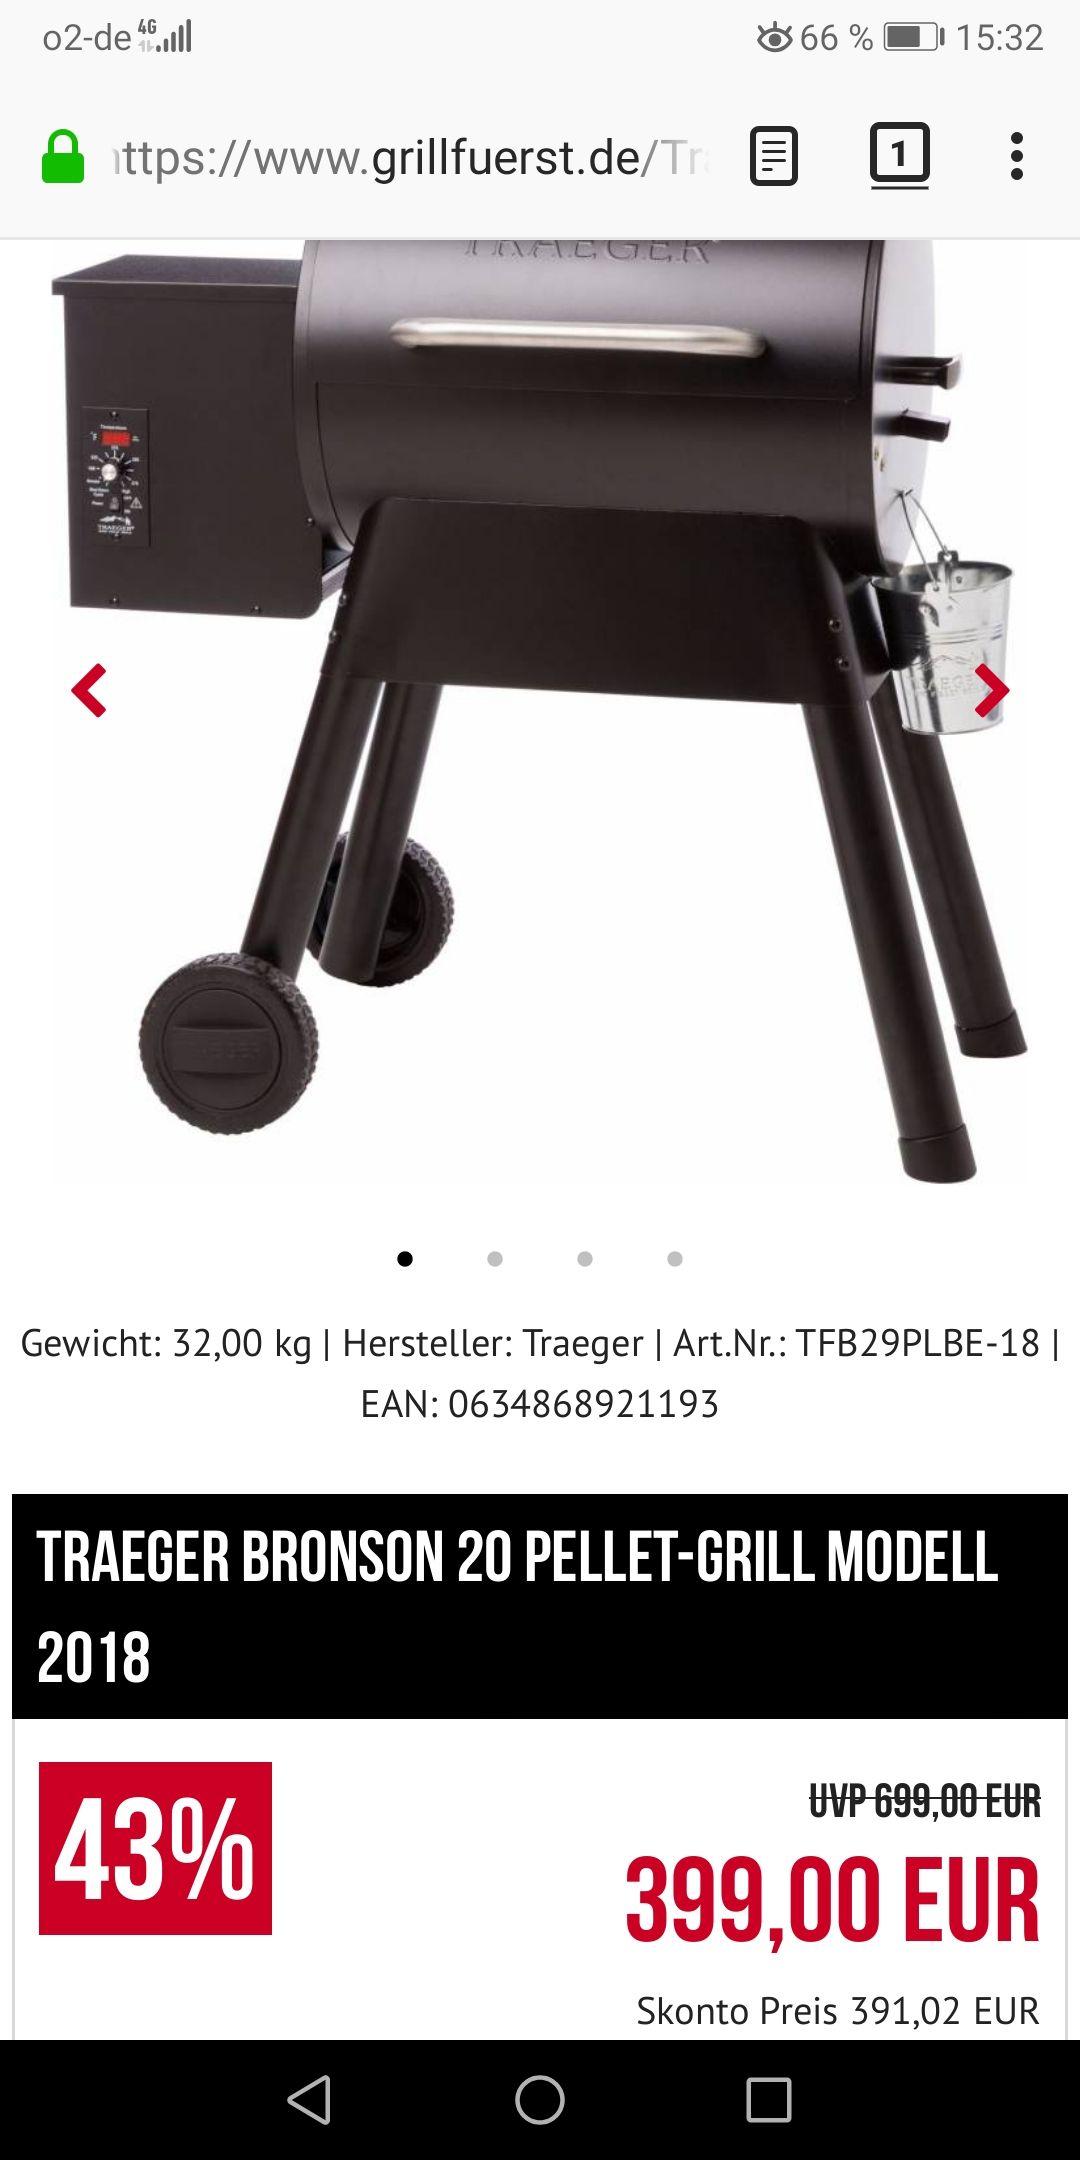 Traeger Bronson 20 Pelletgrill 2018